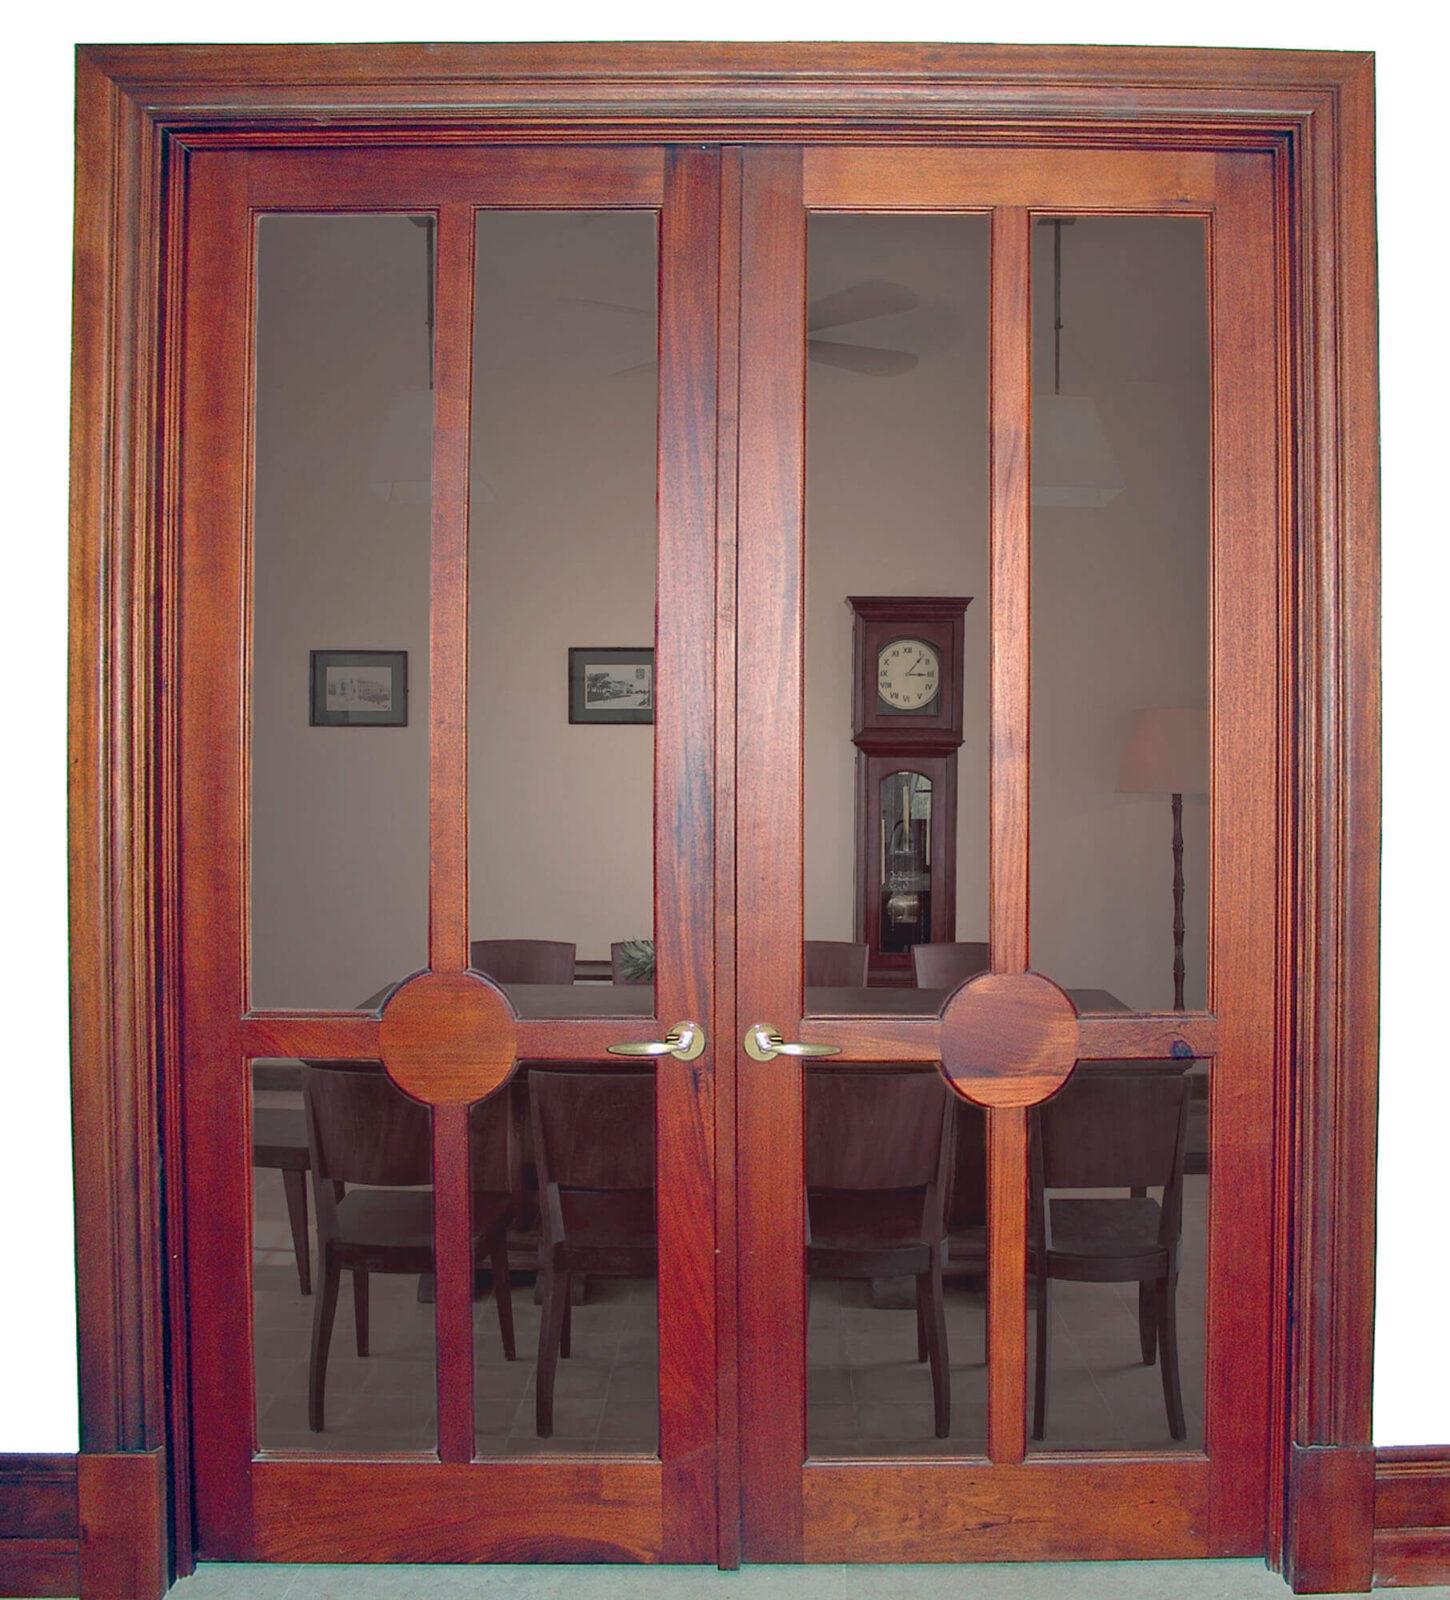 SOUTH MIAMI MAHOGANY FRENCH DOOR.